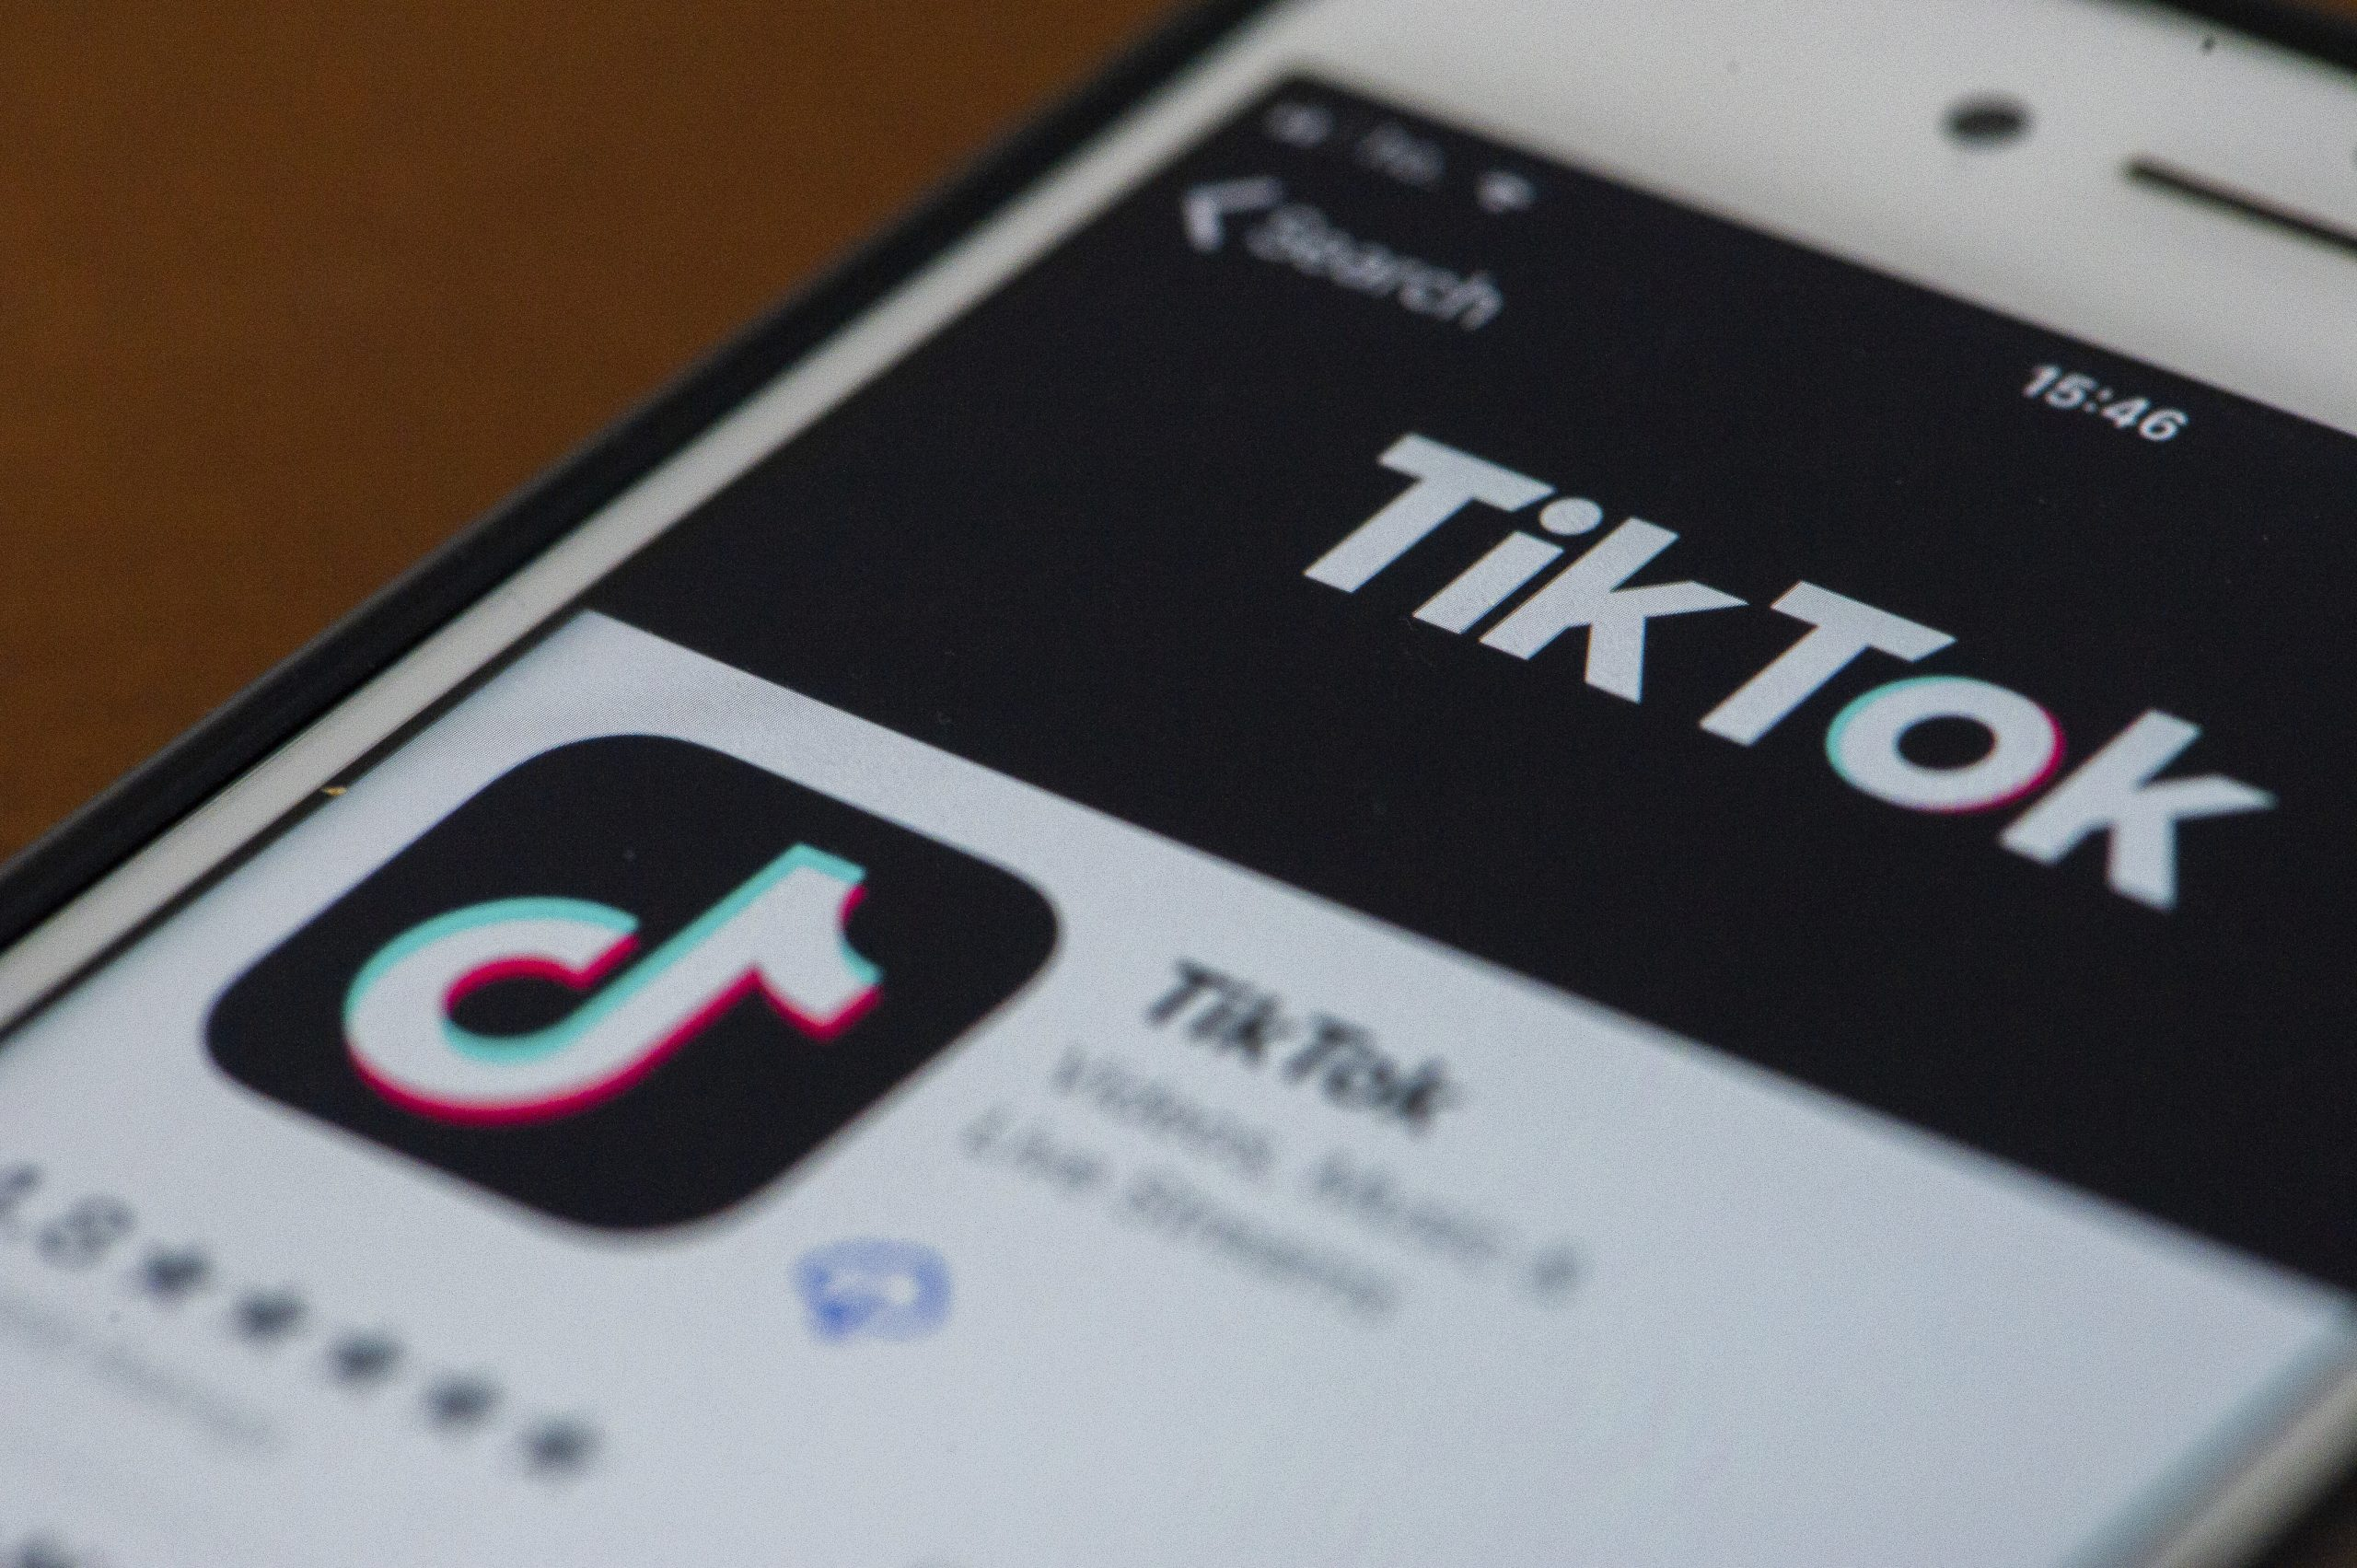 ティックトック、一部ユーザーの顔を無断で「盛って」配信